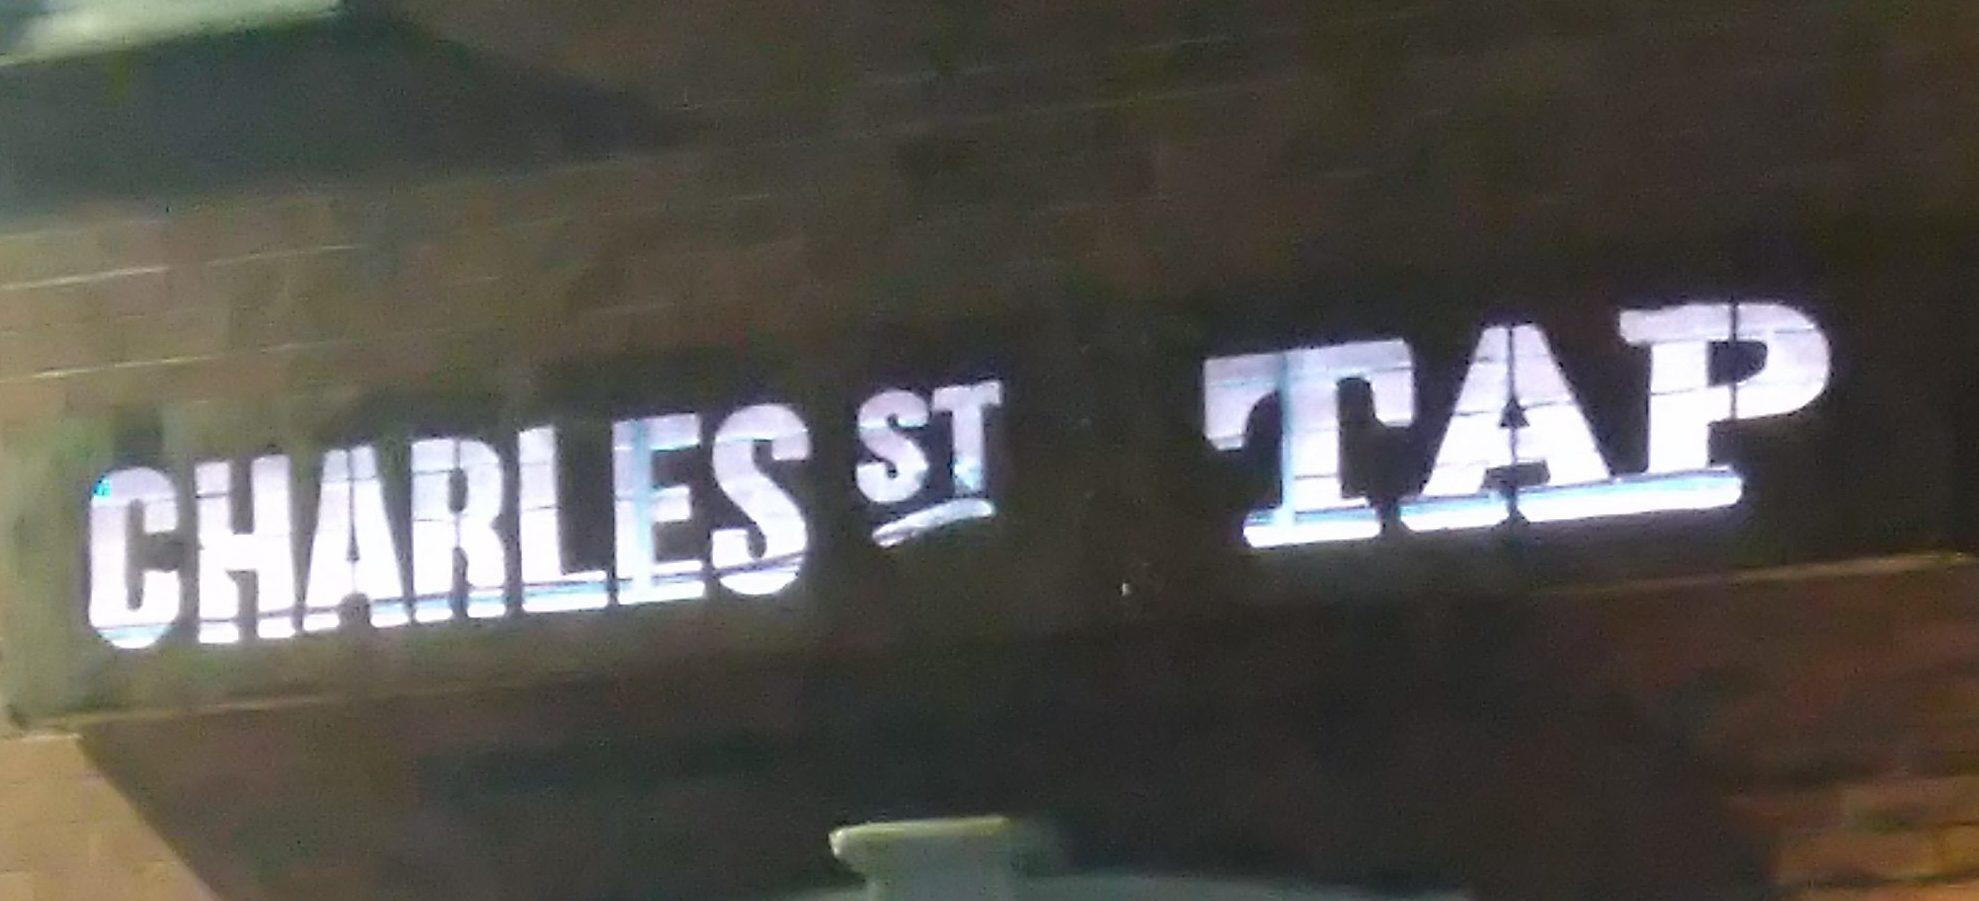 Charles St Tap back lit sign